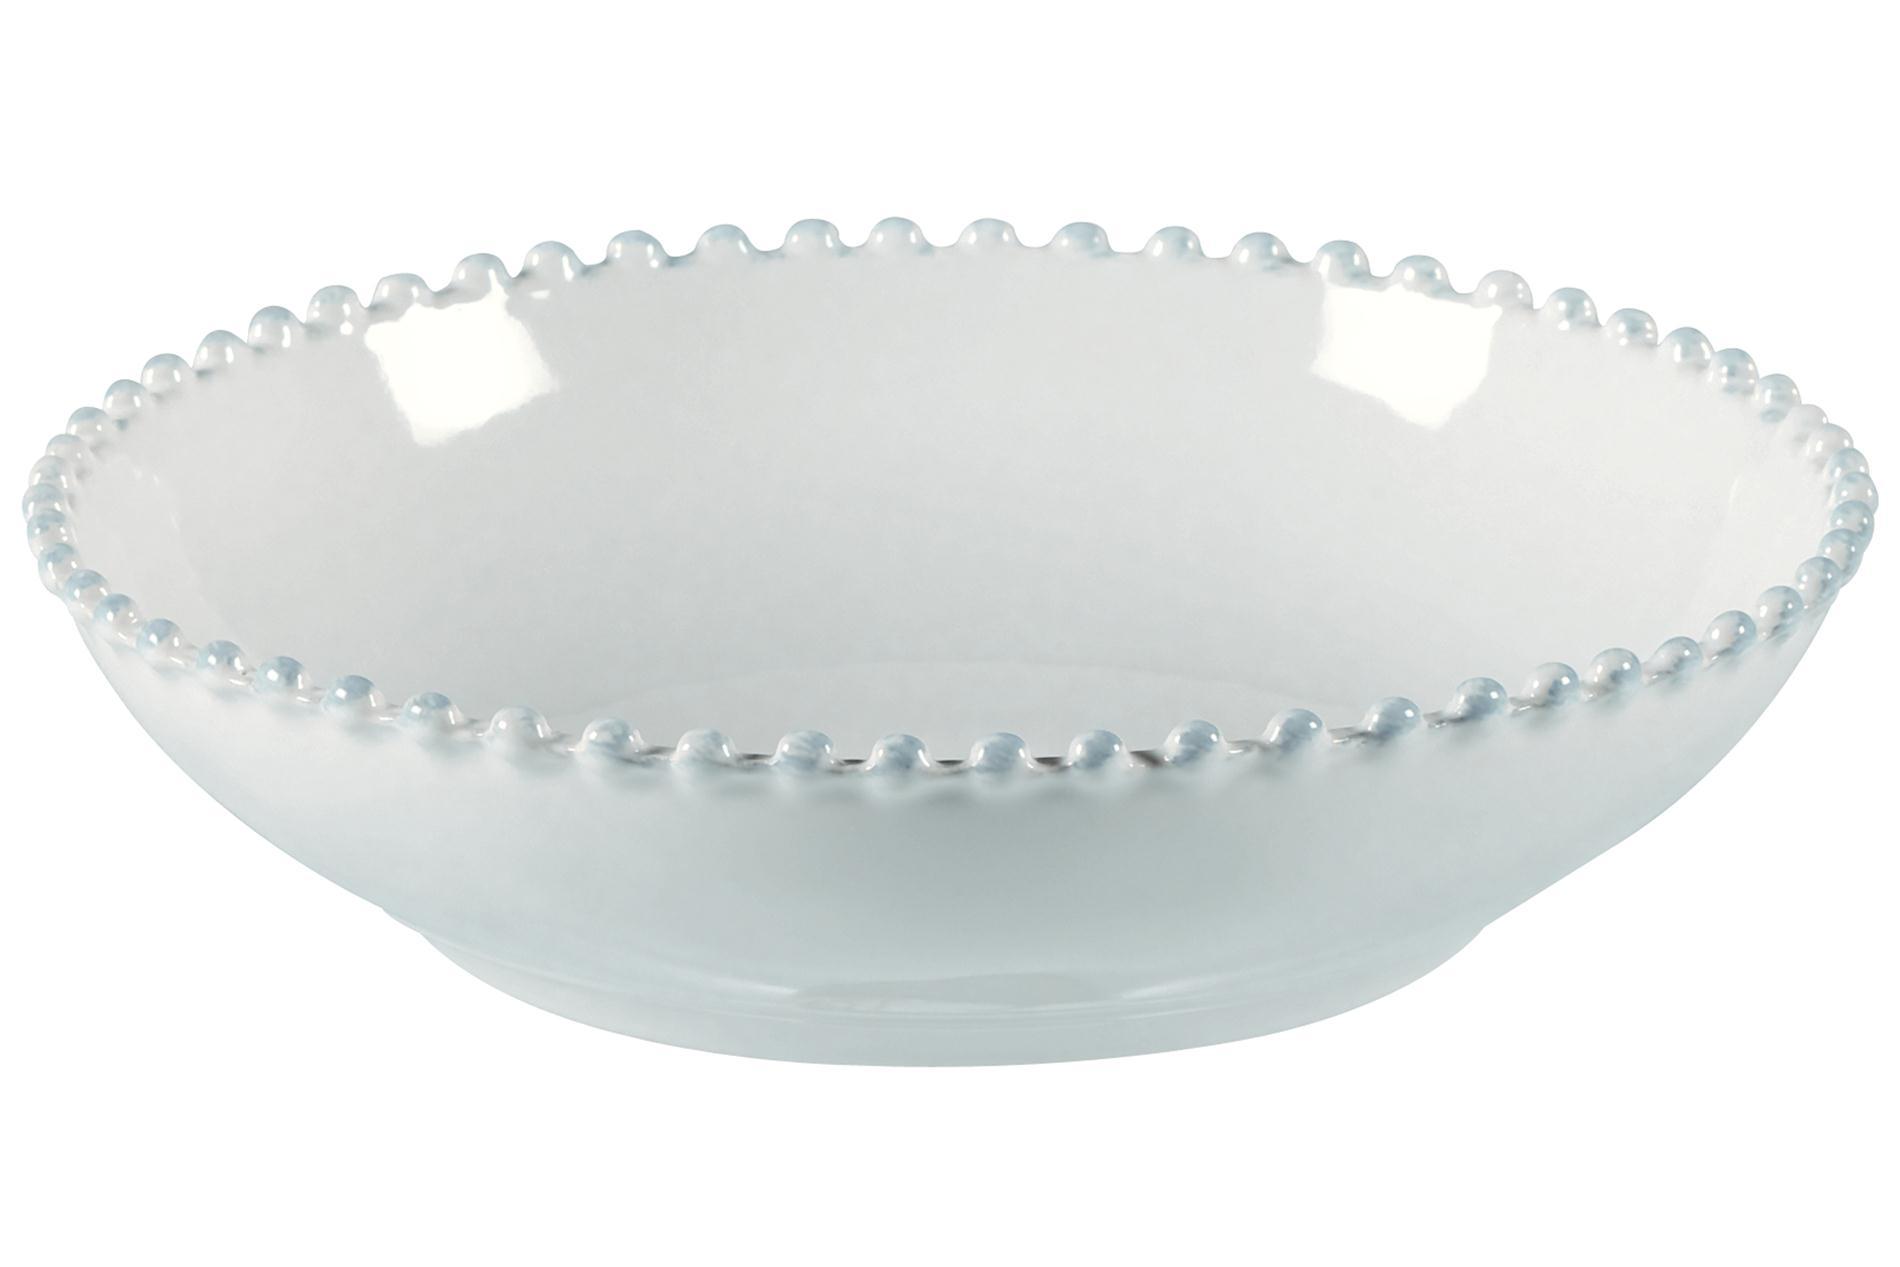 Pastateller Pearl weiß, 23 cm